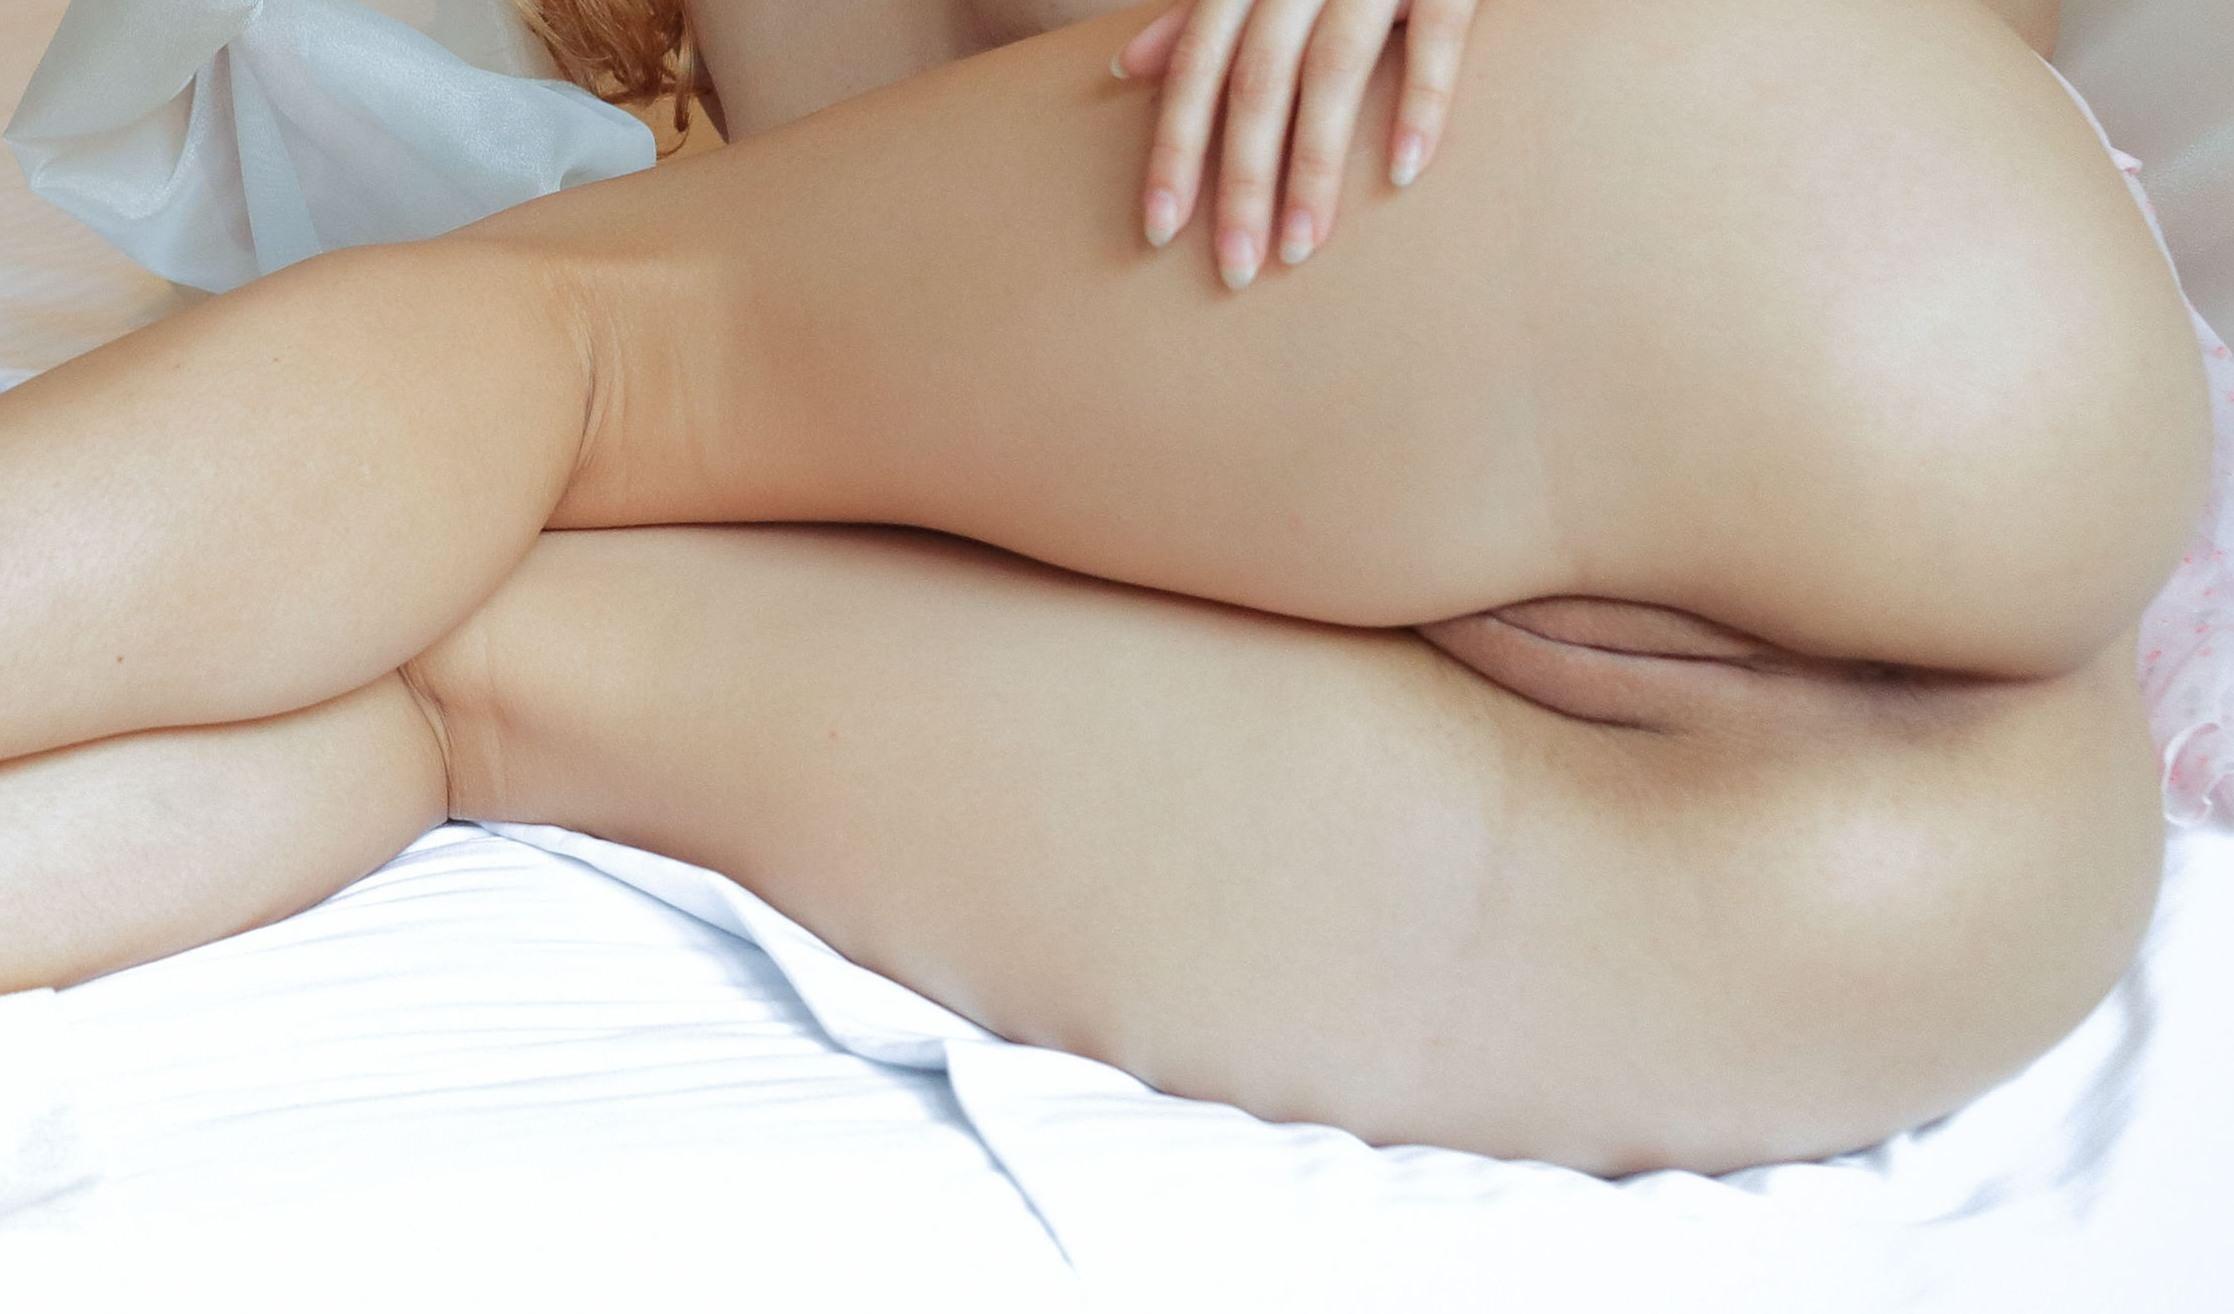 Фото Голая попка в постели, девушка без трусиков лежит боком на кровати, сексуальные ляжки, пися, булки, скачать картинку бесплатно